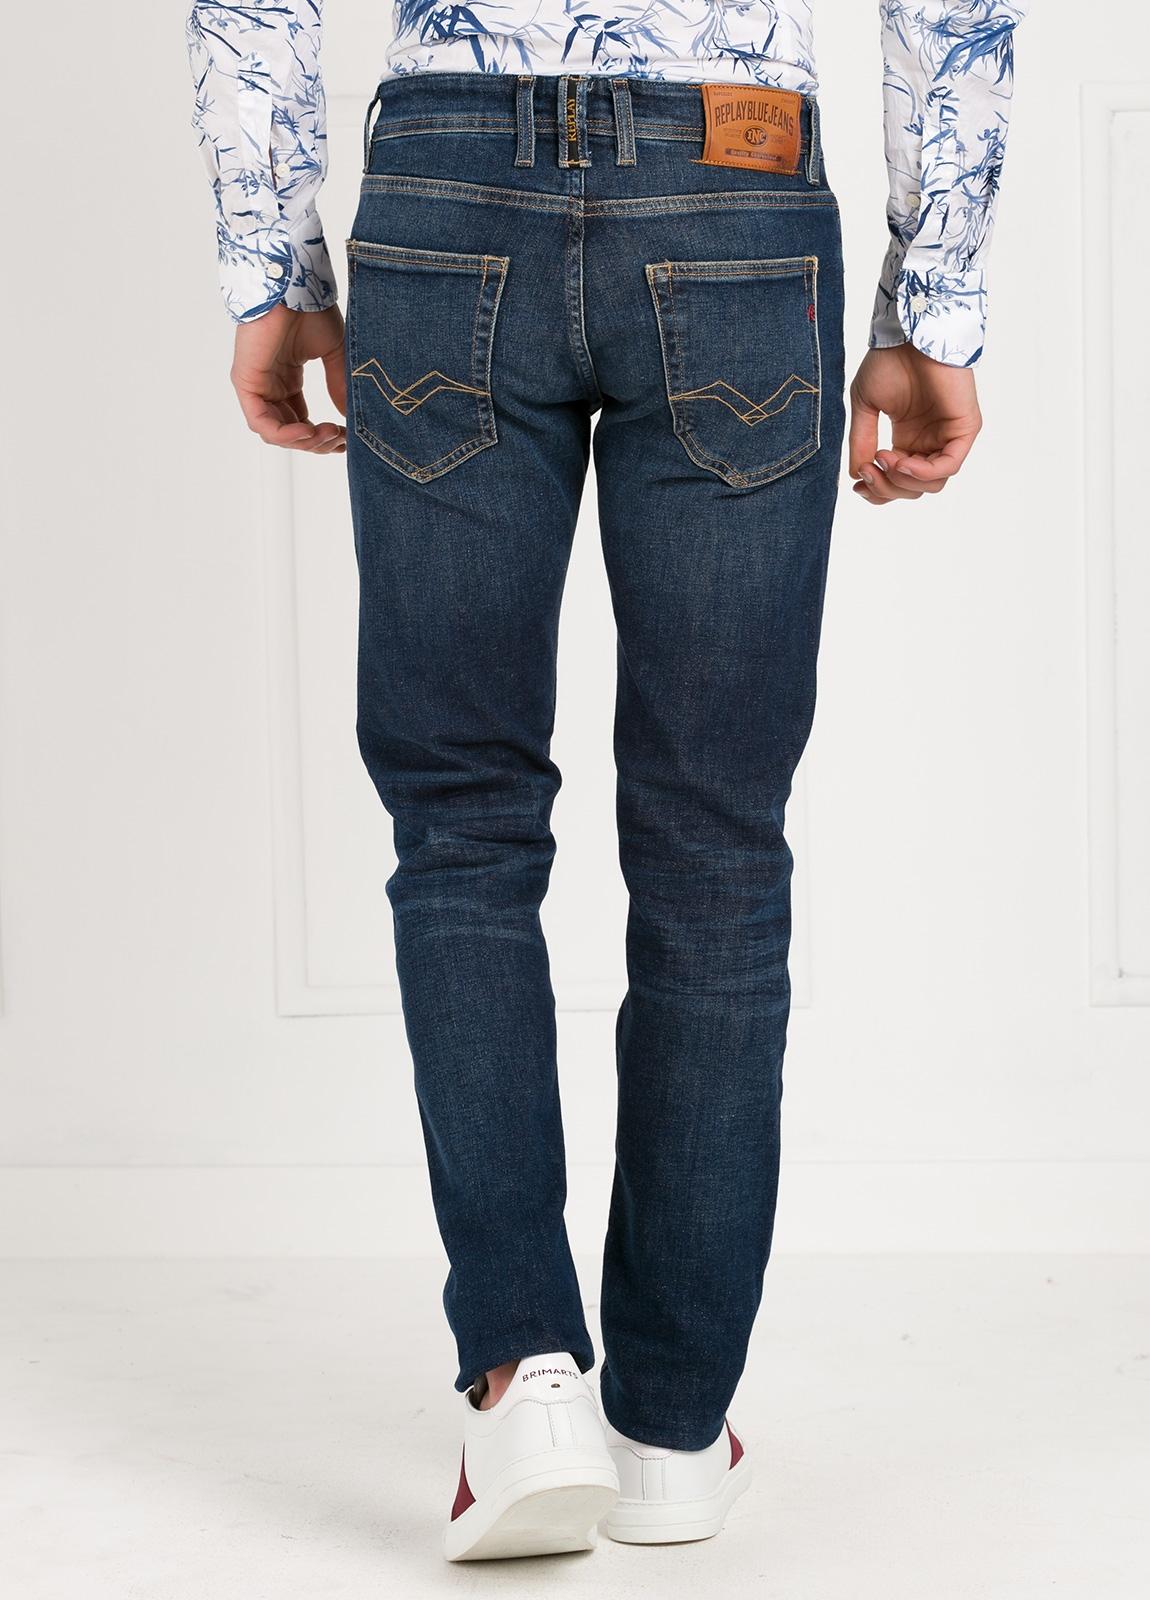 Pantalón tejano corte recto MA972 GROVER color azul oscuro lavado algodón - Ítem1